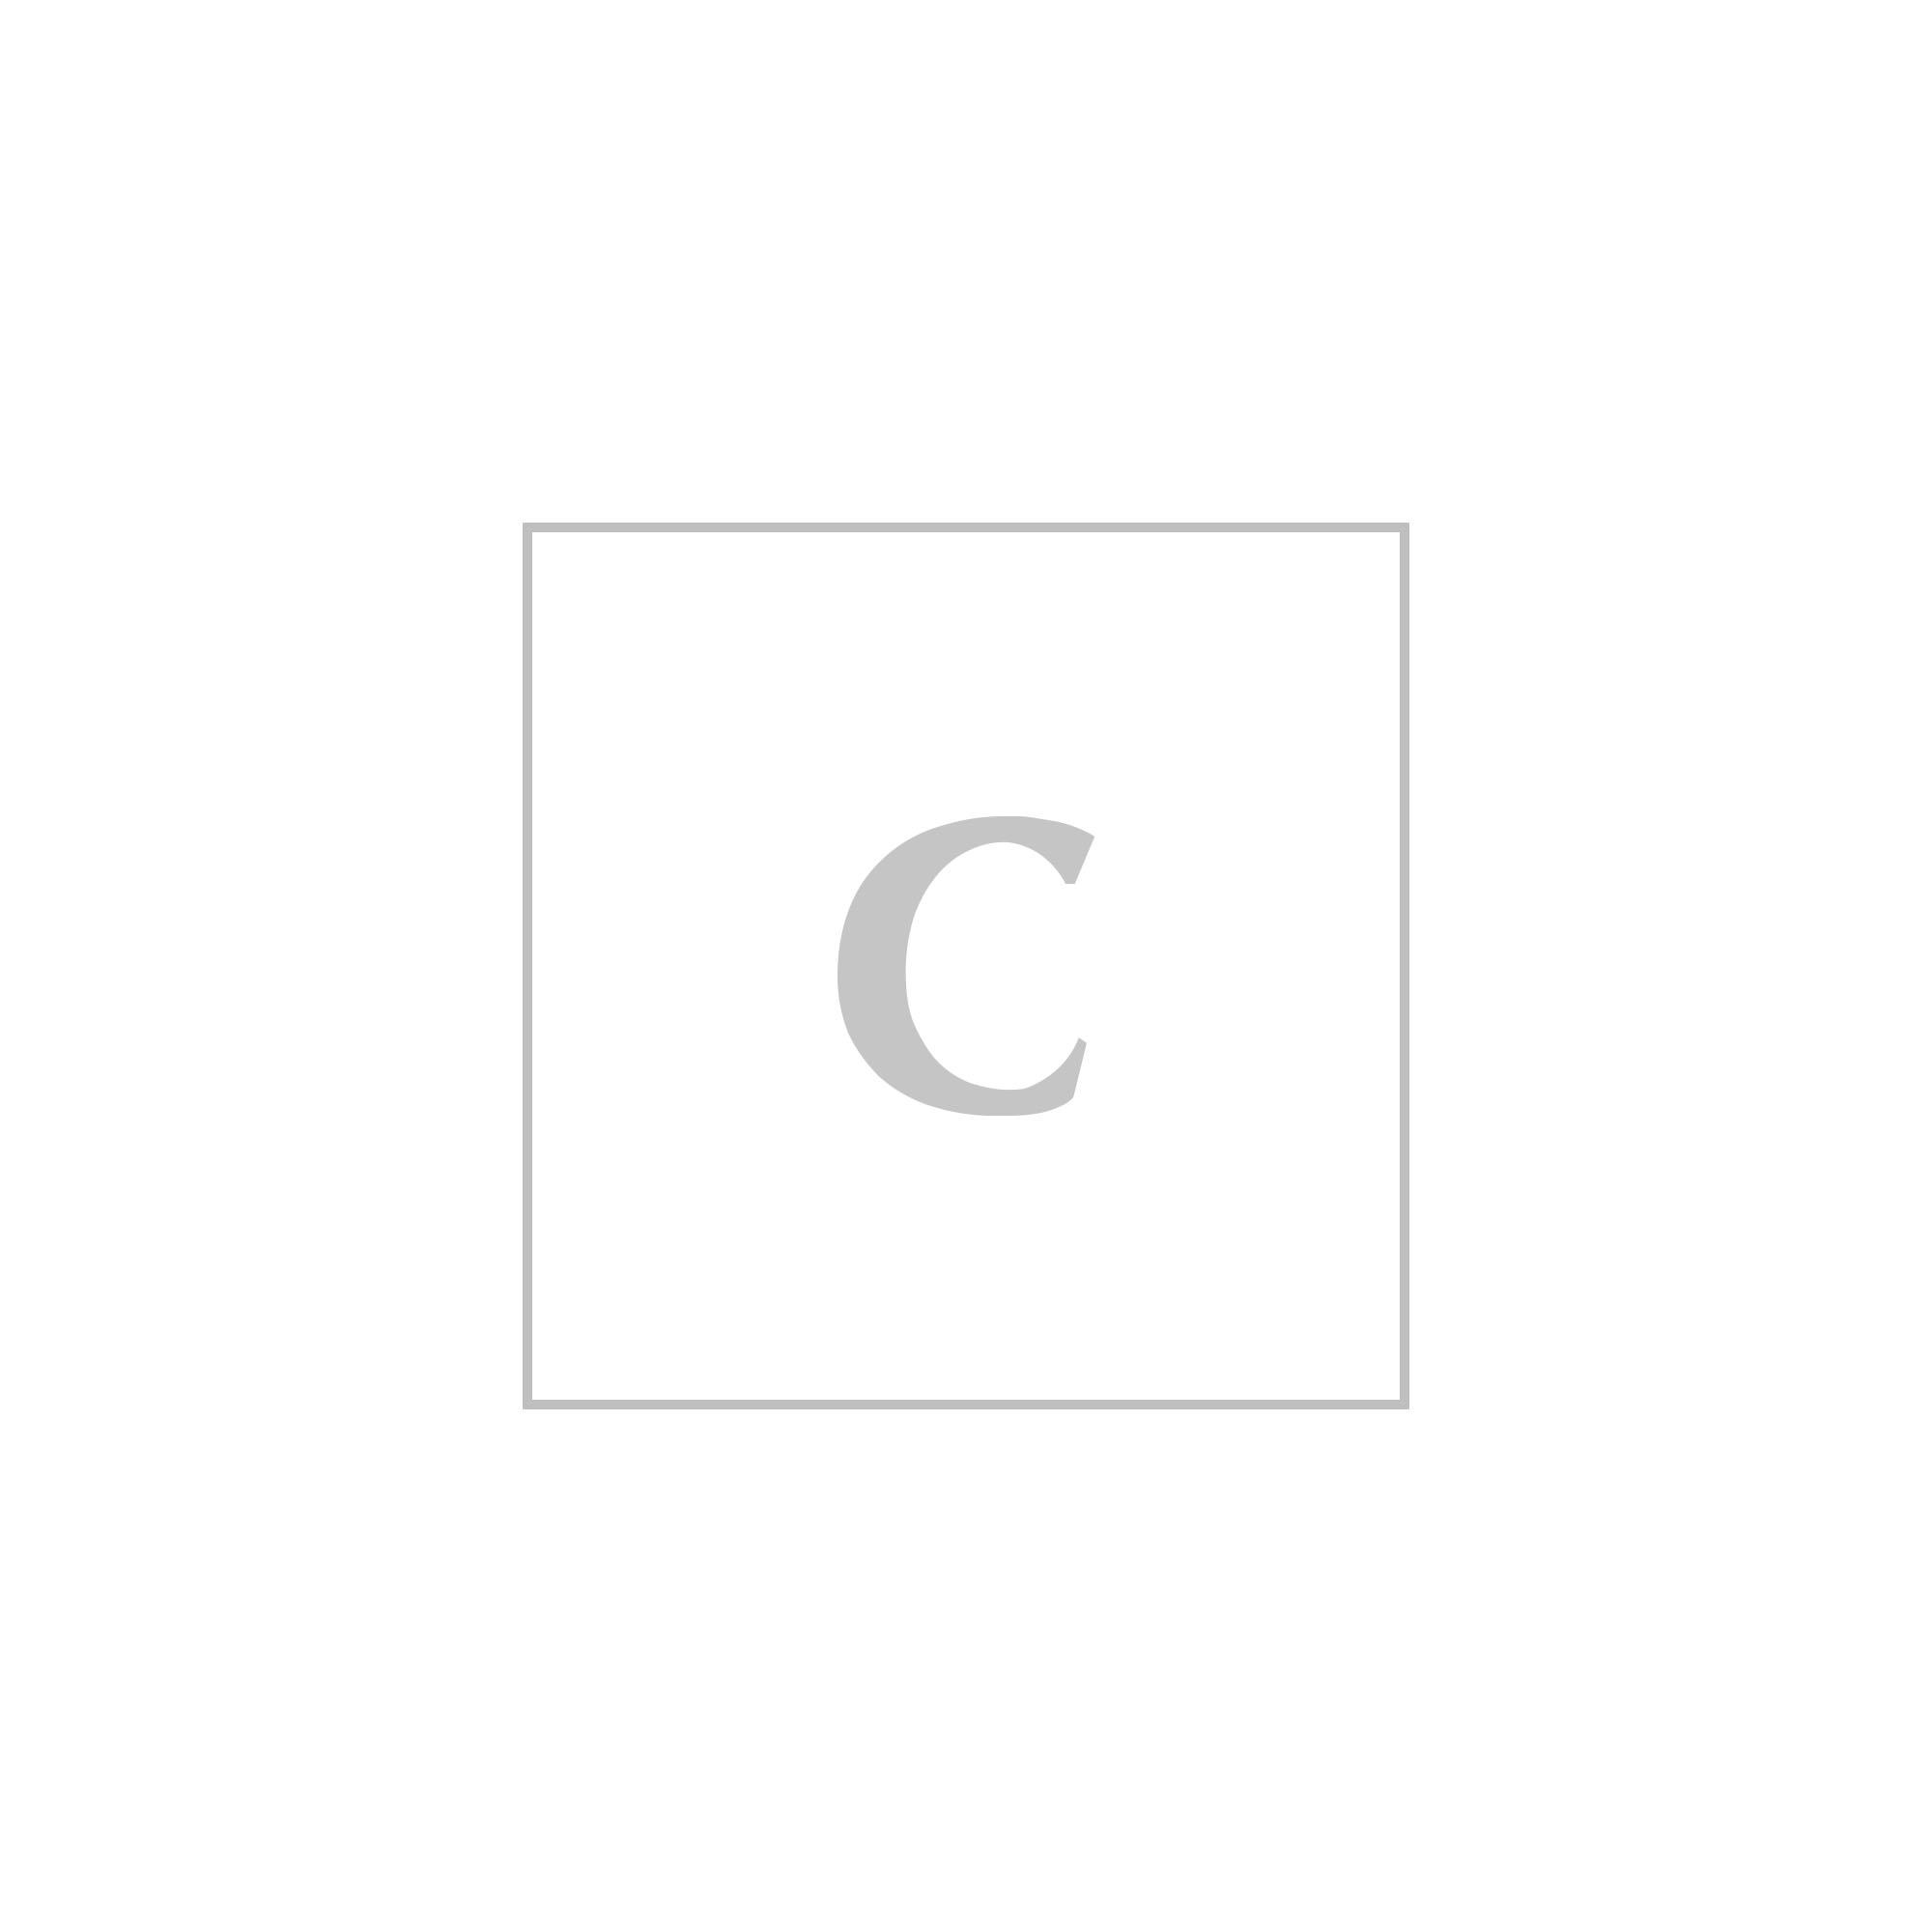 Christian Dior borsa lady dior md gradient cannage